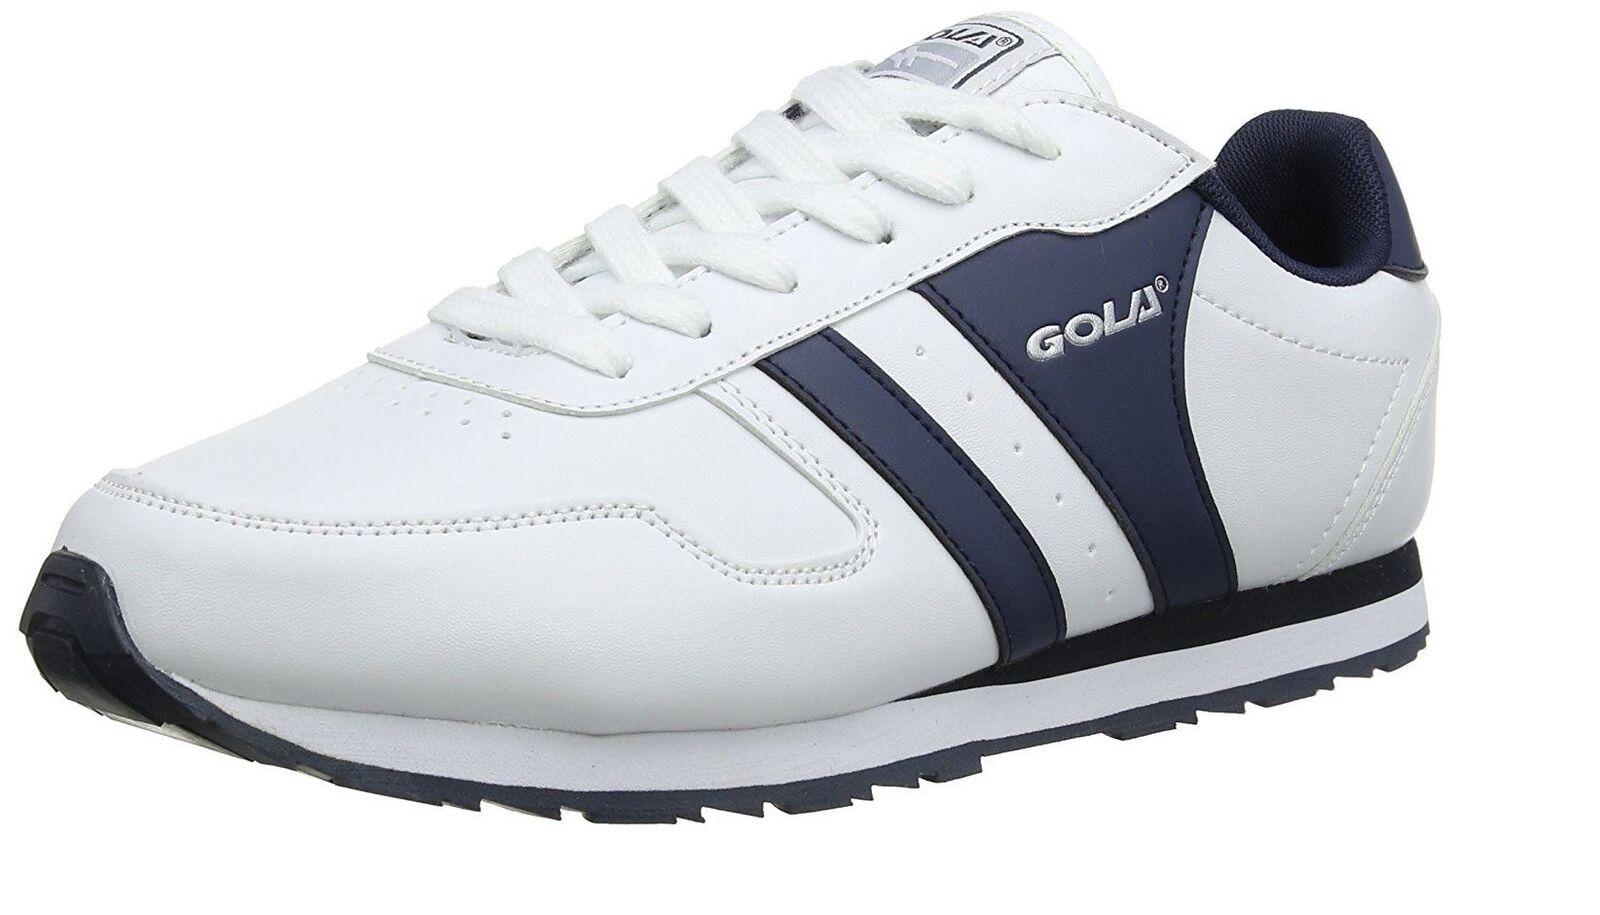 Gola Mehrzweck SPORT   Fitnessstudio   außen Turnschuhe Weiß marineblau Größen